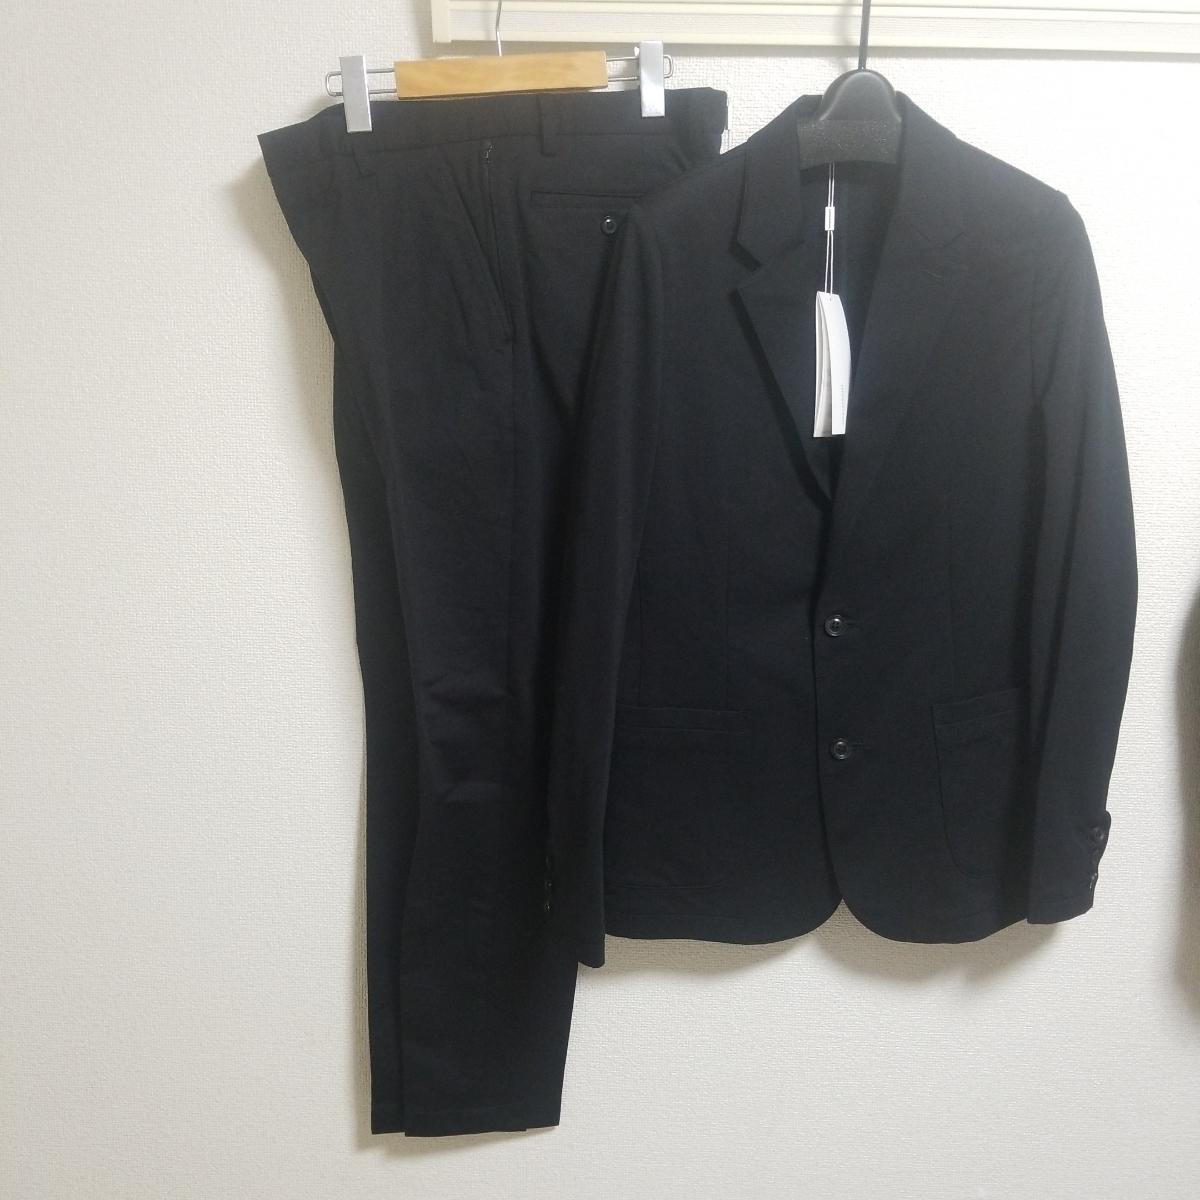 極美品19SS junhashimoto ブラック ジャージーセットアップ size4 JERSEY JACKET 1031910007 JERSEY TUCK PANTS1071910012 wjkAKM1piu_画像8